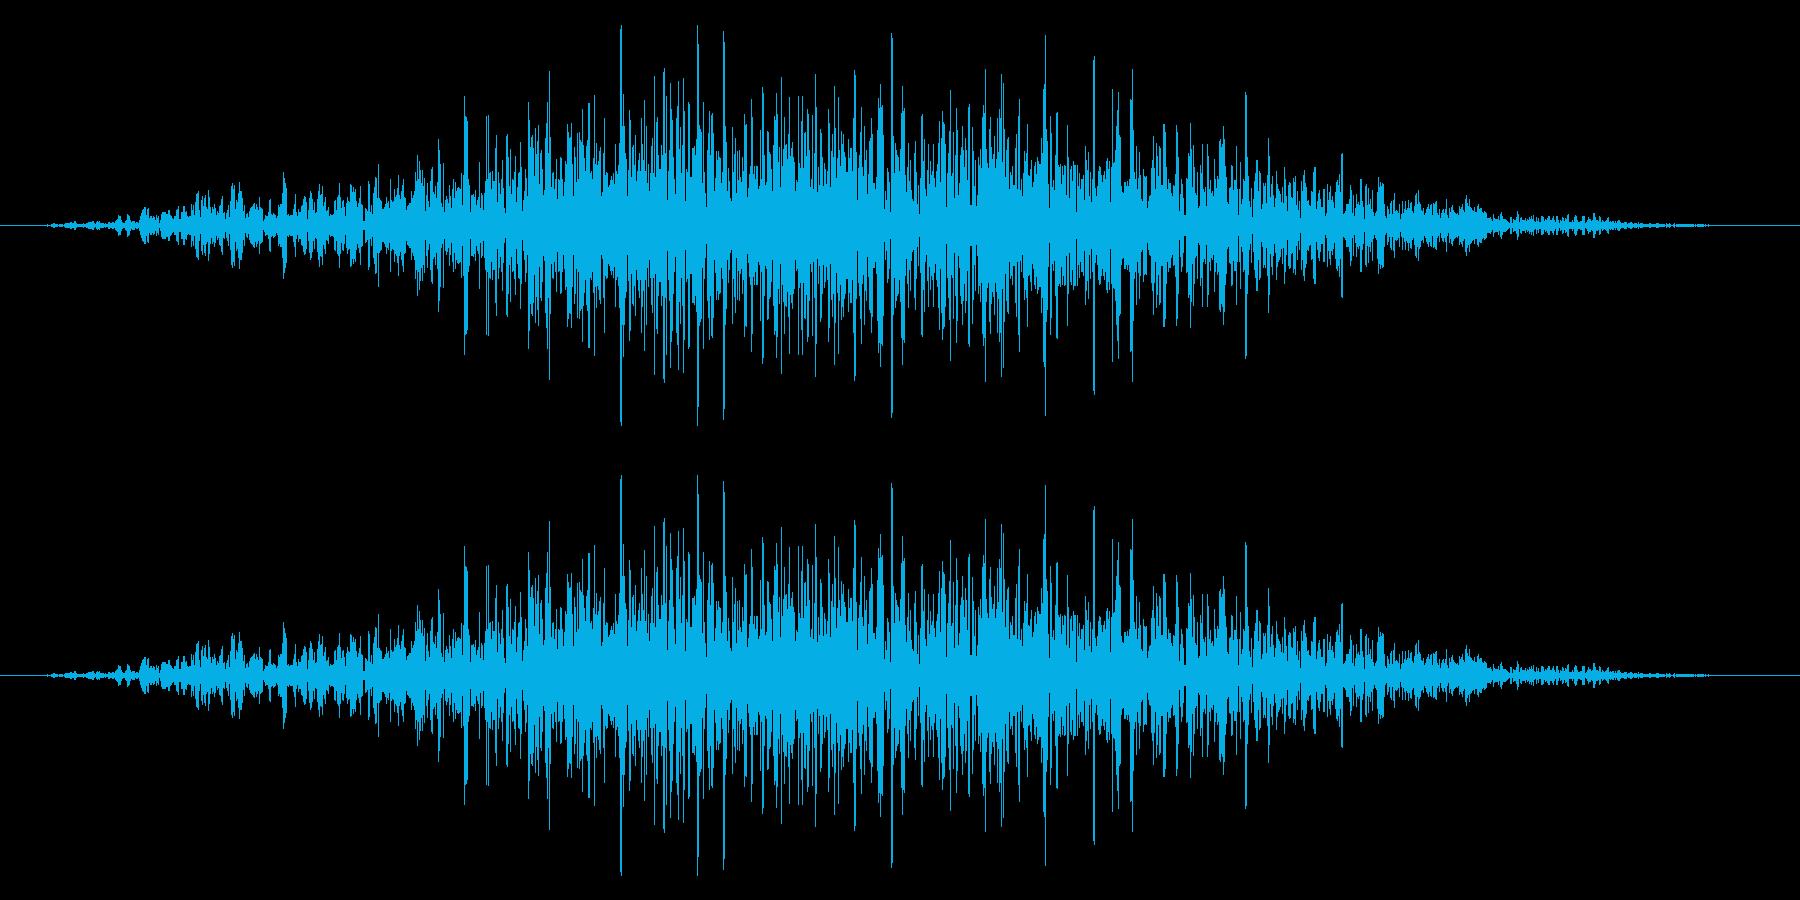 フライングドラゴン モンスター 攻撃 強の再生済みの波形